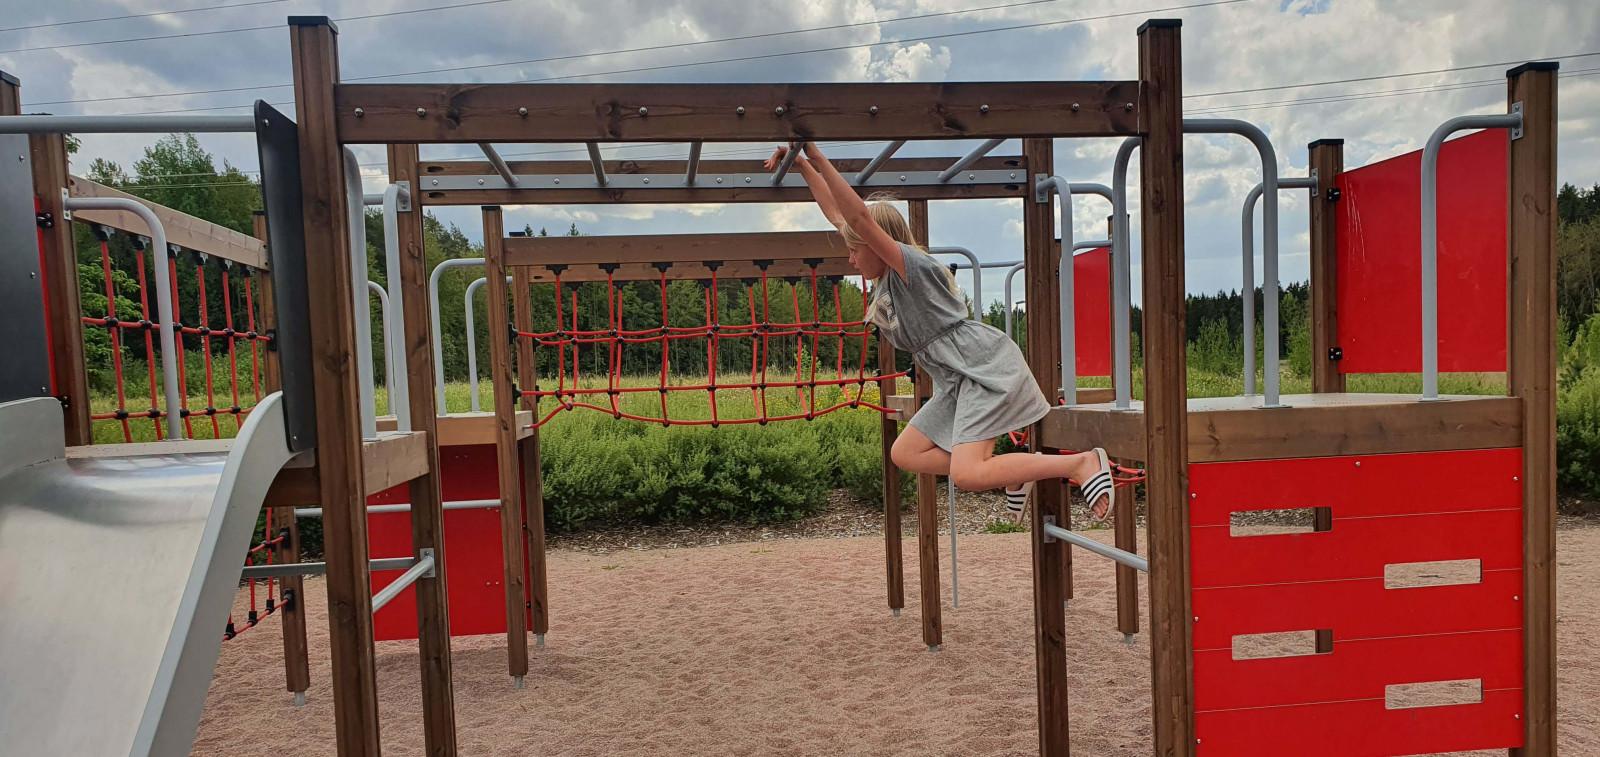 tyttö roikkuu leikkipaikan leikkitelineessä pilvisenä päivänä